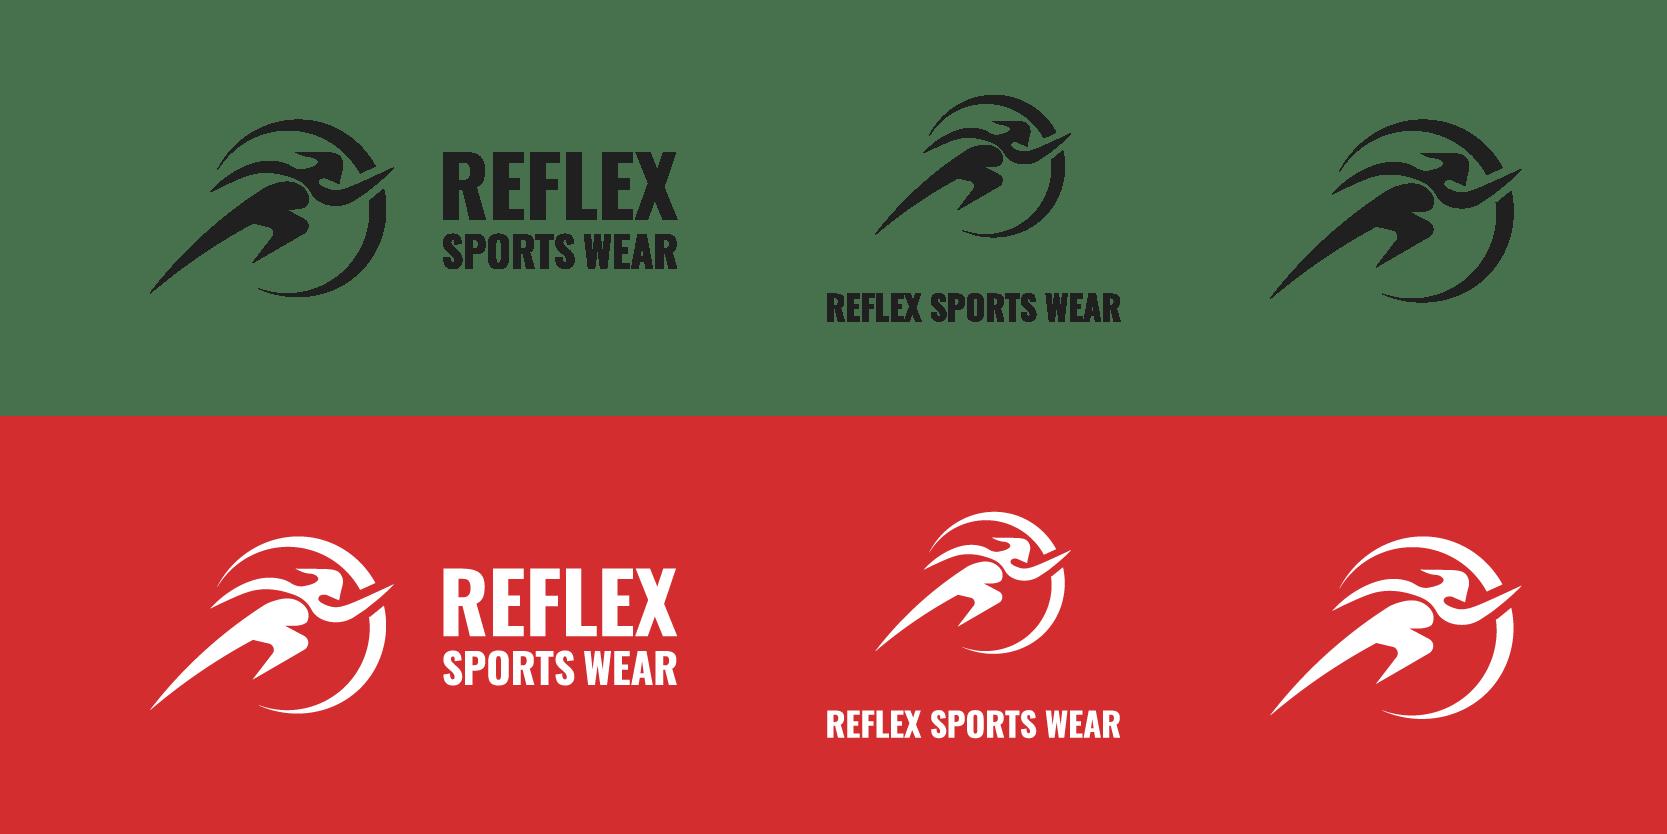 Reflex responsive logo by XAXs